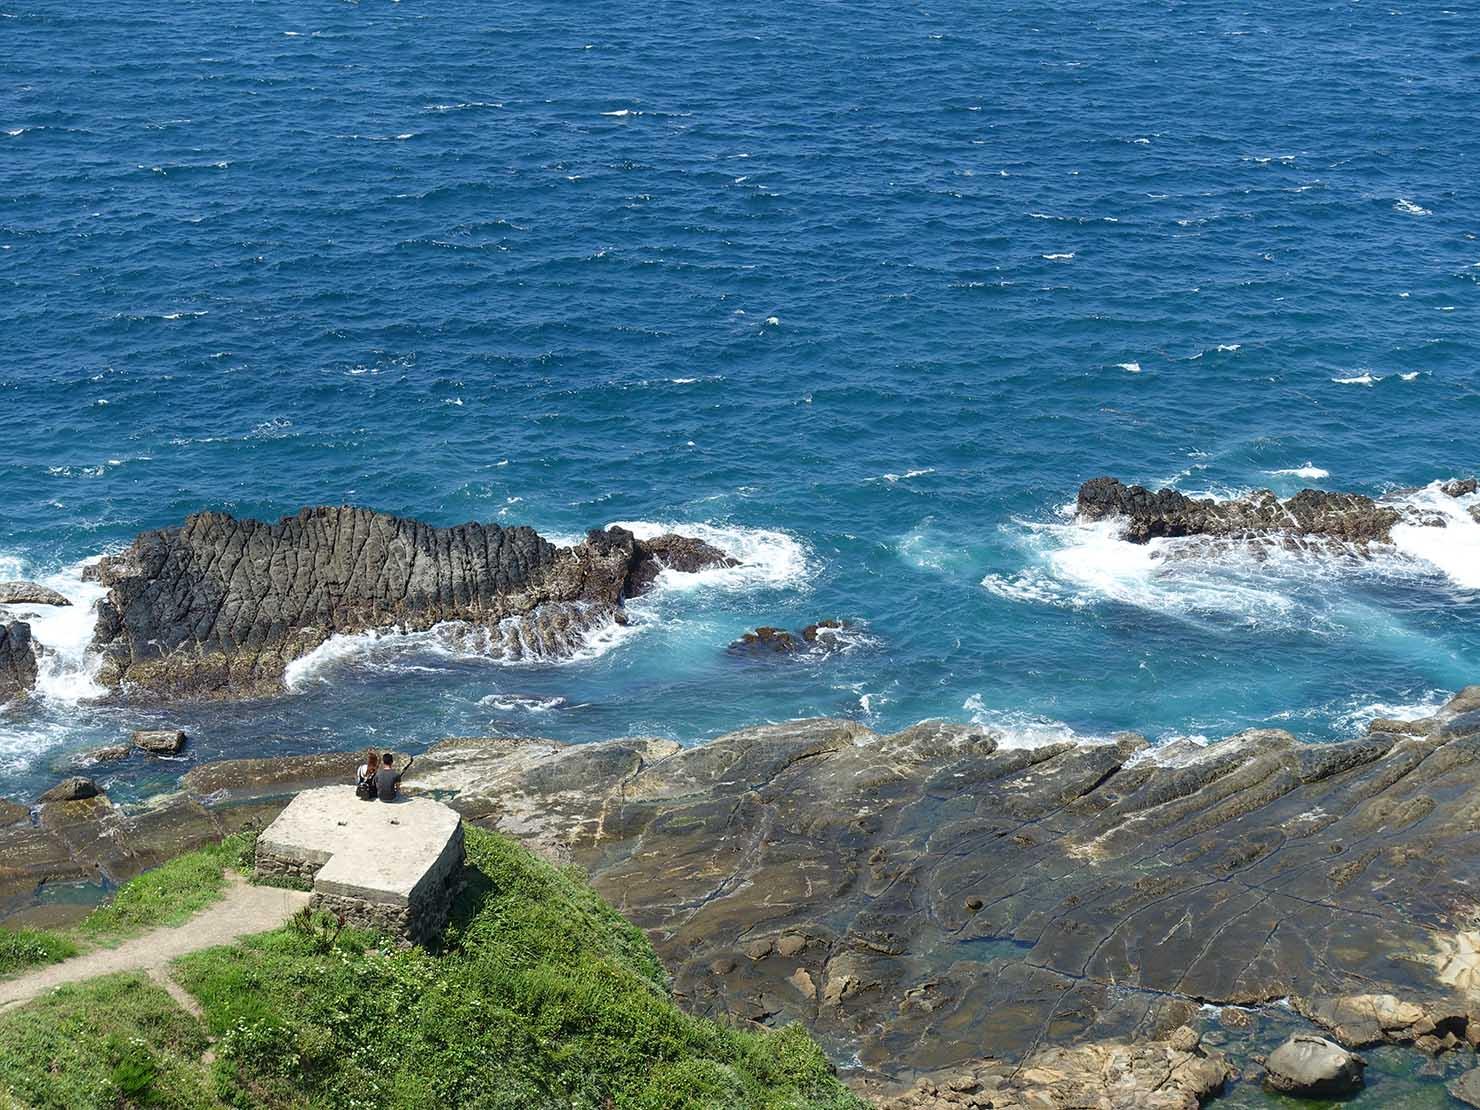 台北から日帰りで行ける基隆・望幽谷で海を眺めるロマンティックなカップル